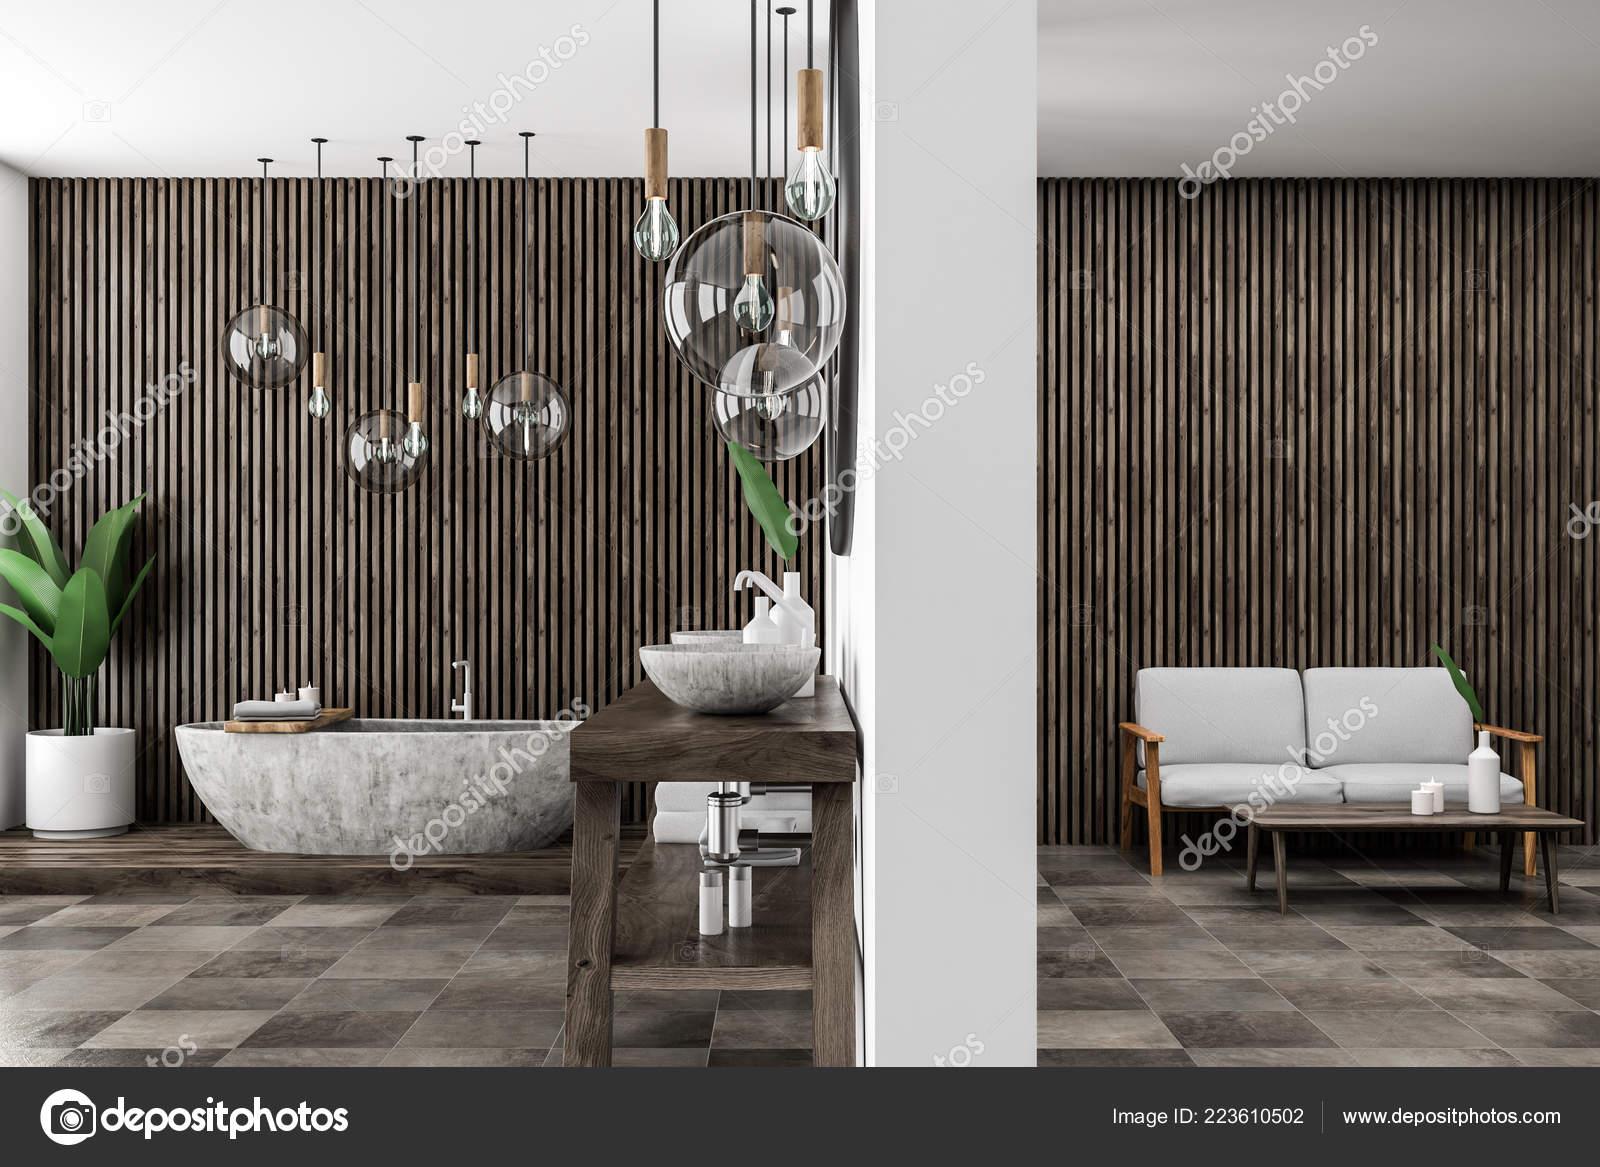 Intérieur Salle Bains Moderne Avec Des Murs Bois Foncés ...